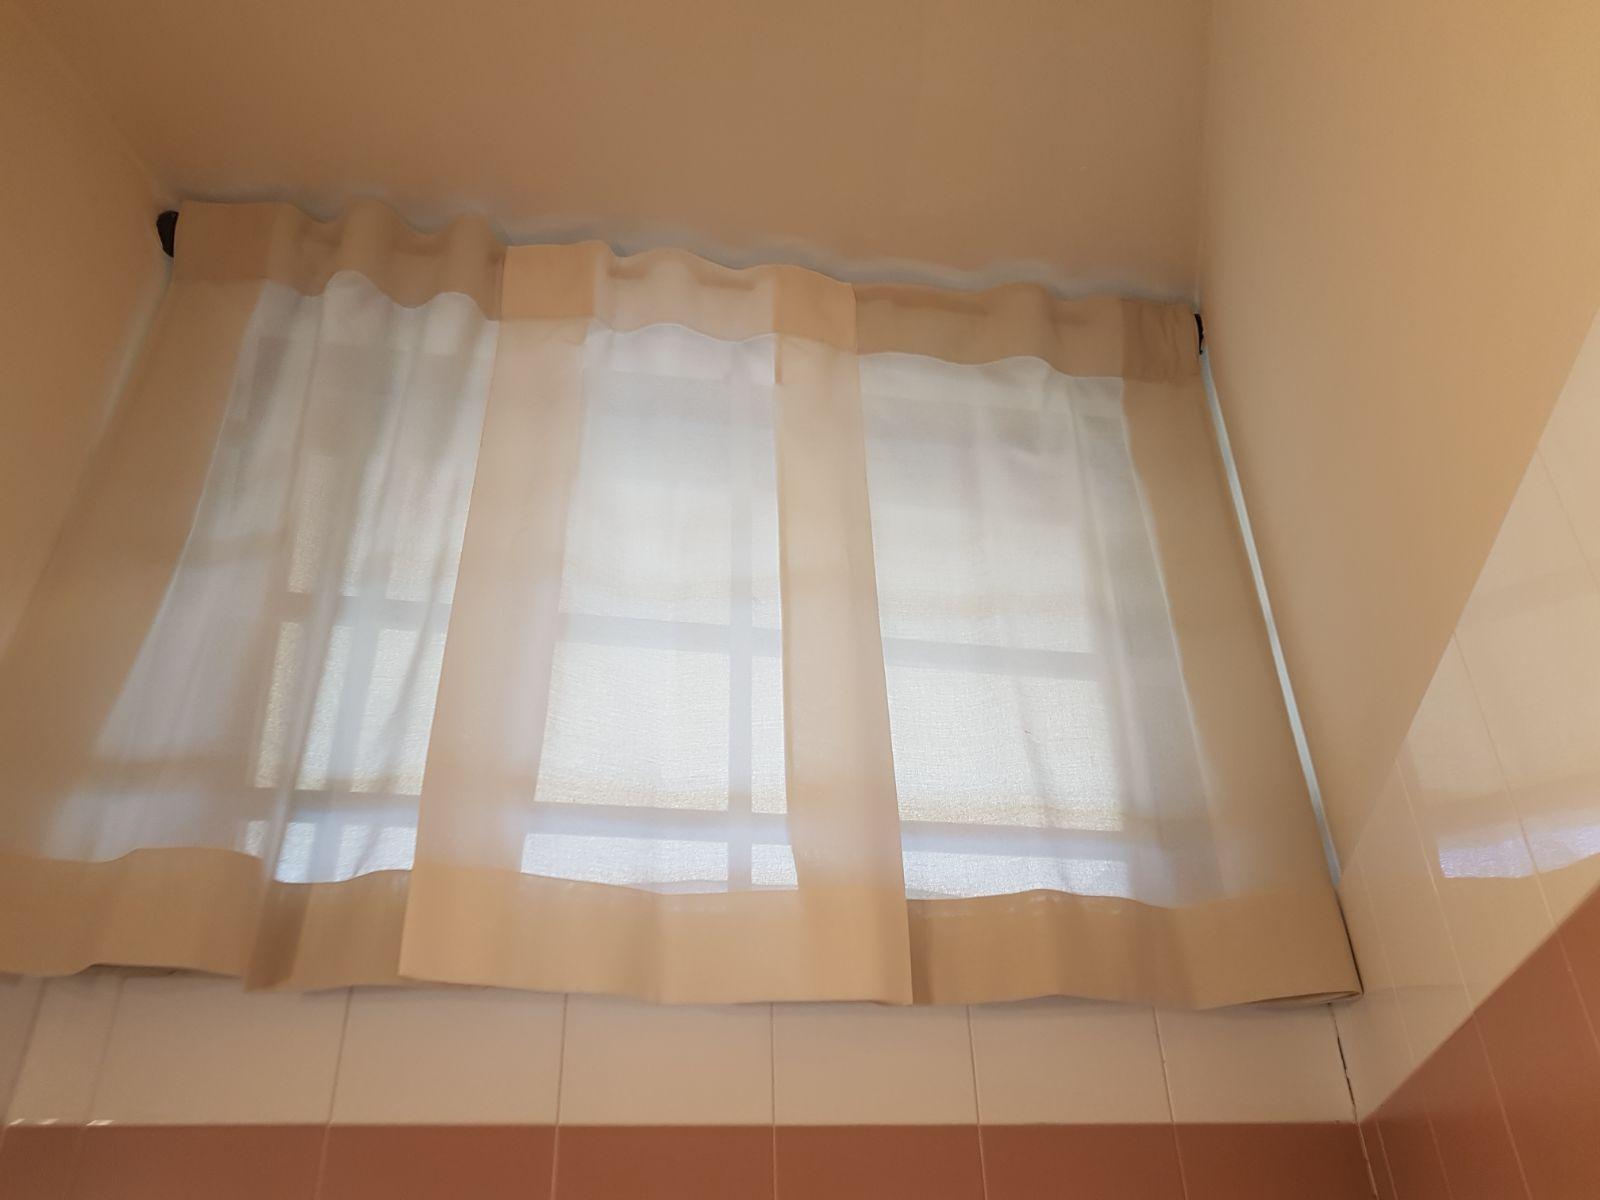 Tende per finestre del bagno: i modelli più pratici e belli gani